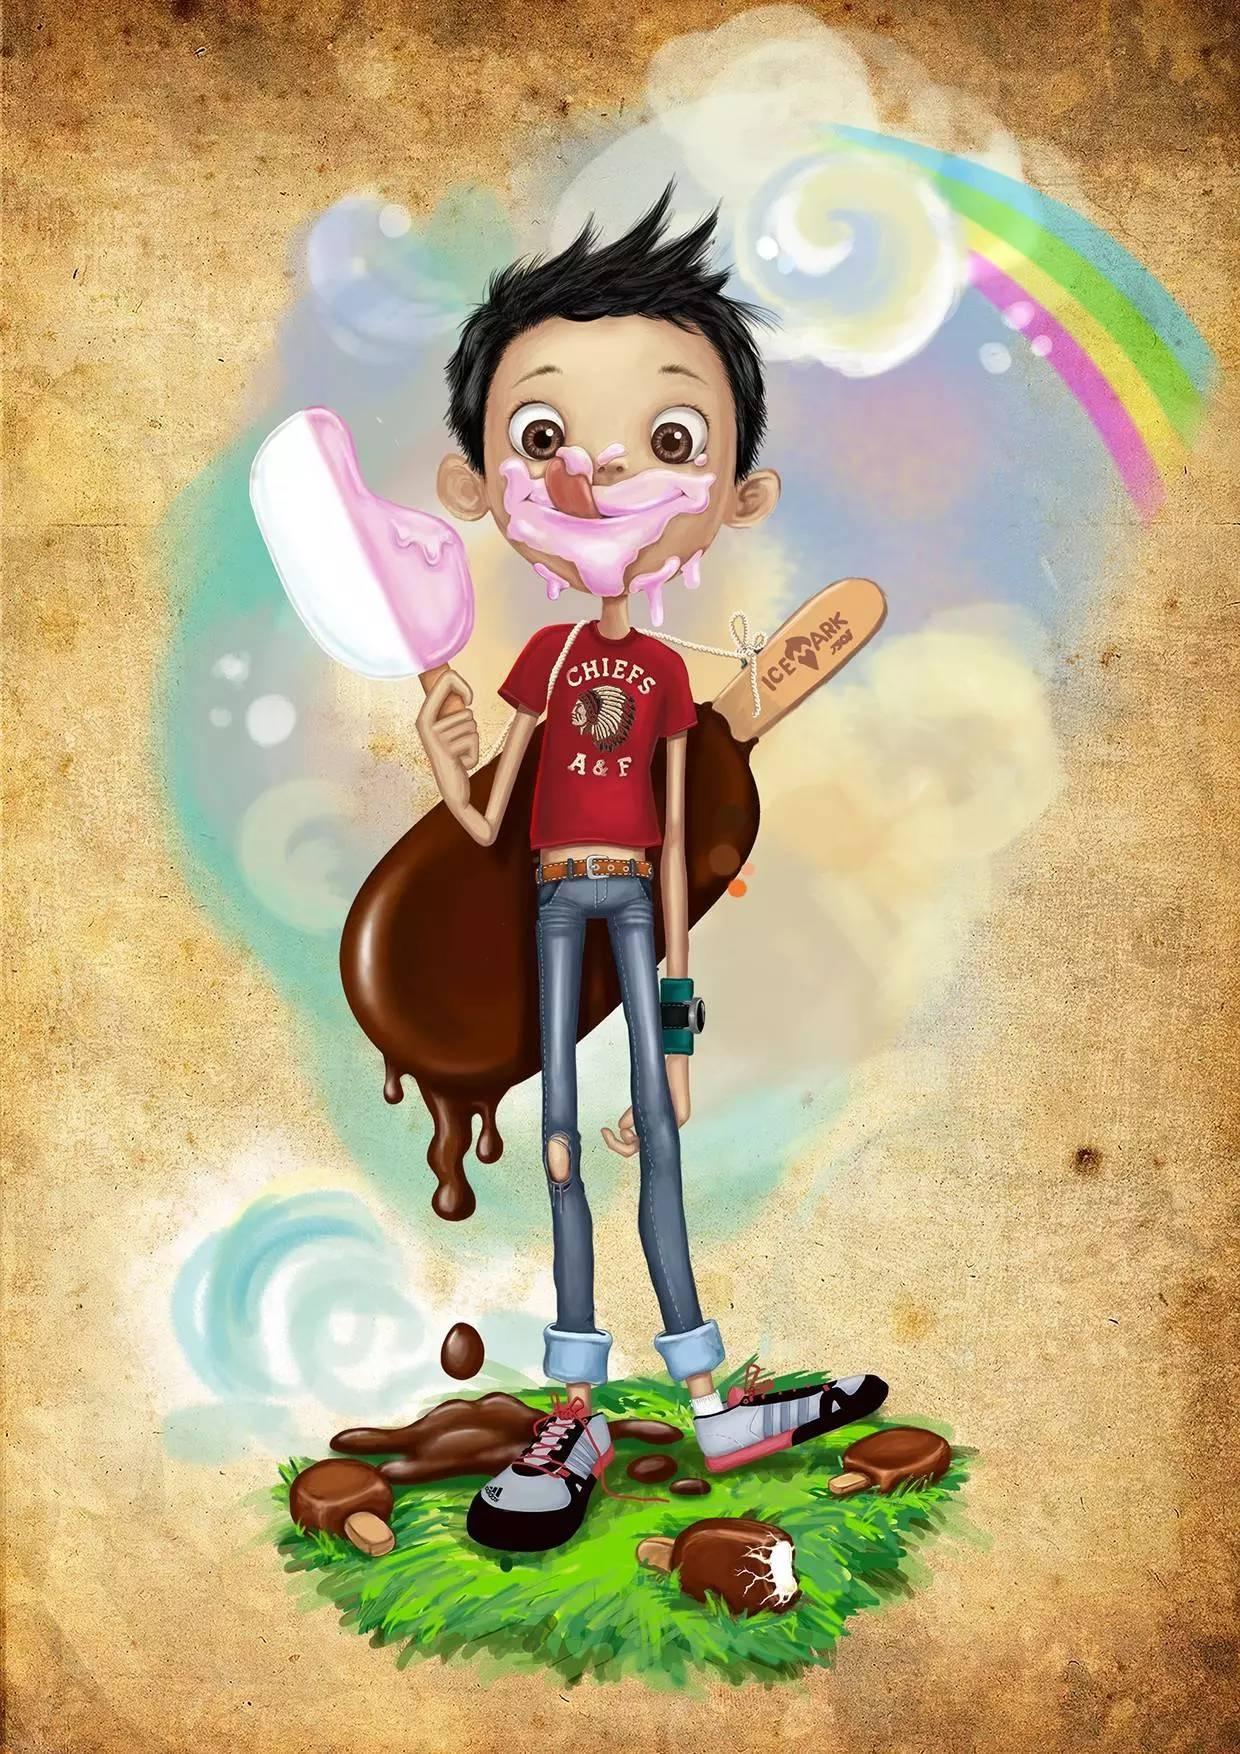 插画 | enkhtur bayrsaikhan笔下的蒙古族小孩 第22张